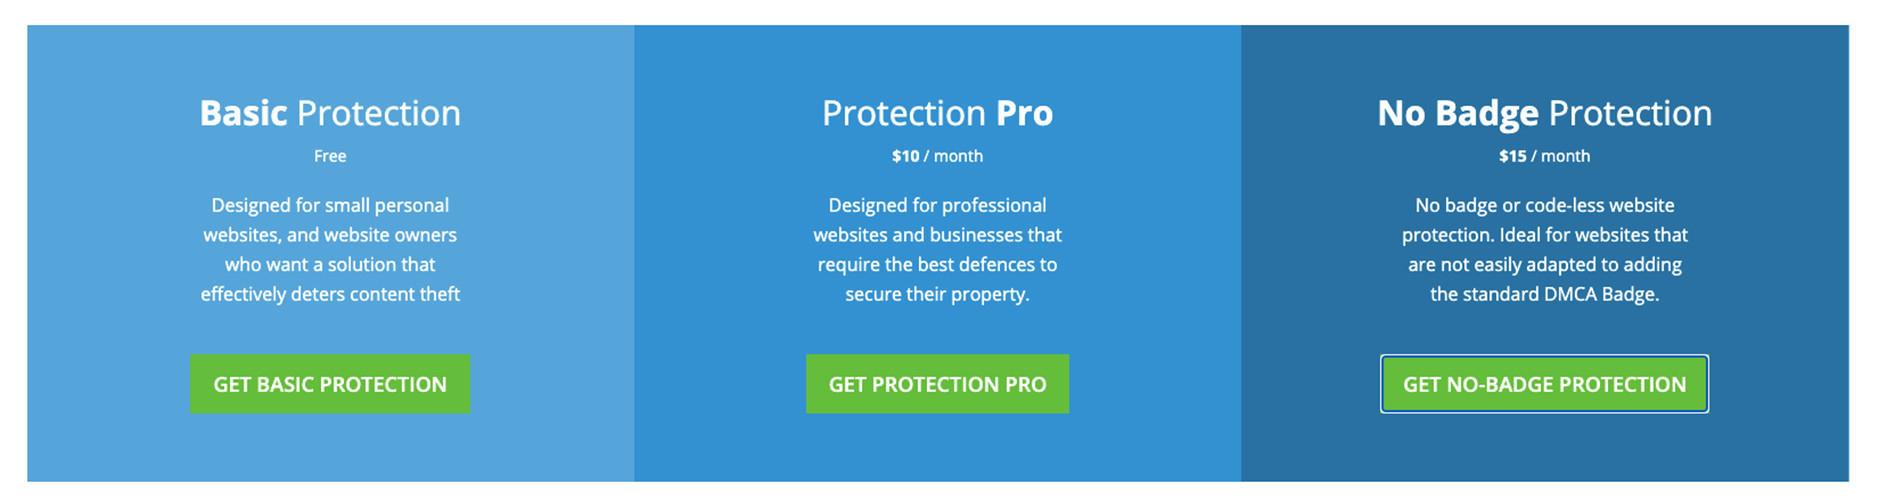 DMCA.com 免費及付費方案項目|鯊客科技 SEO 優化公司